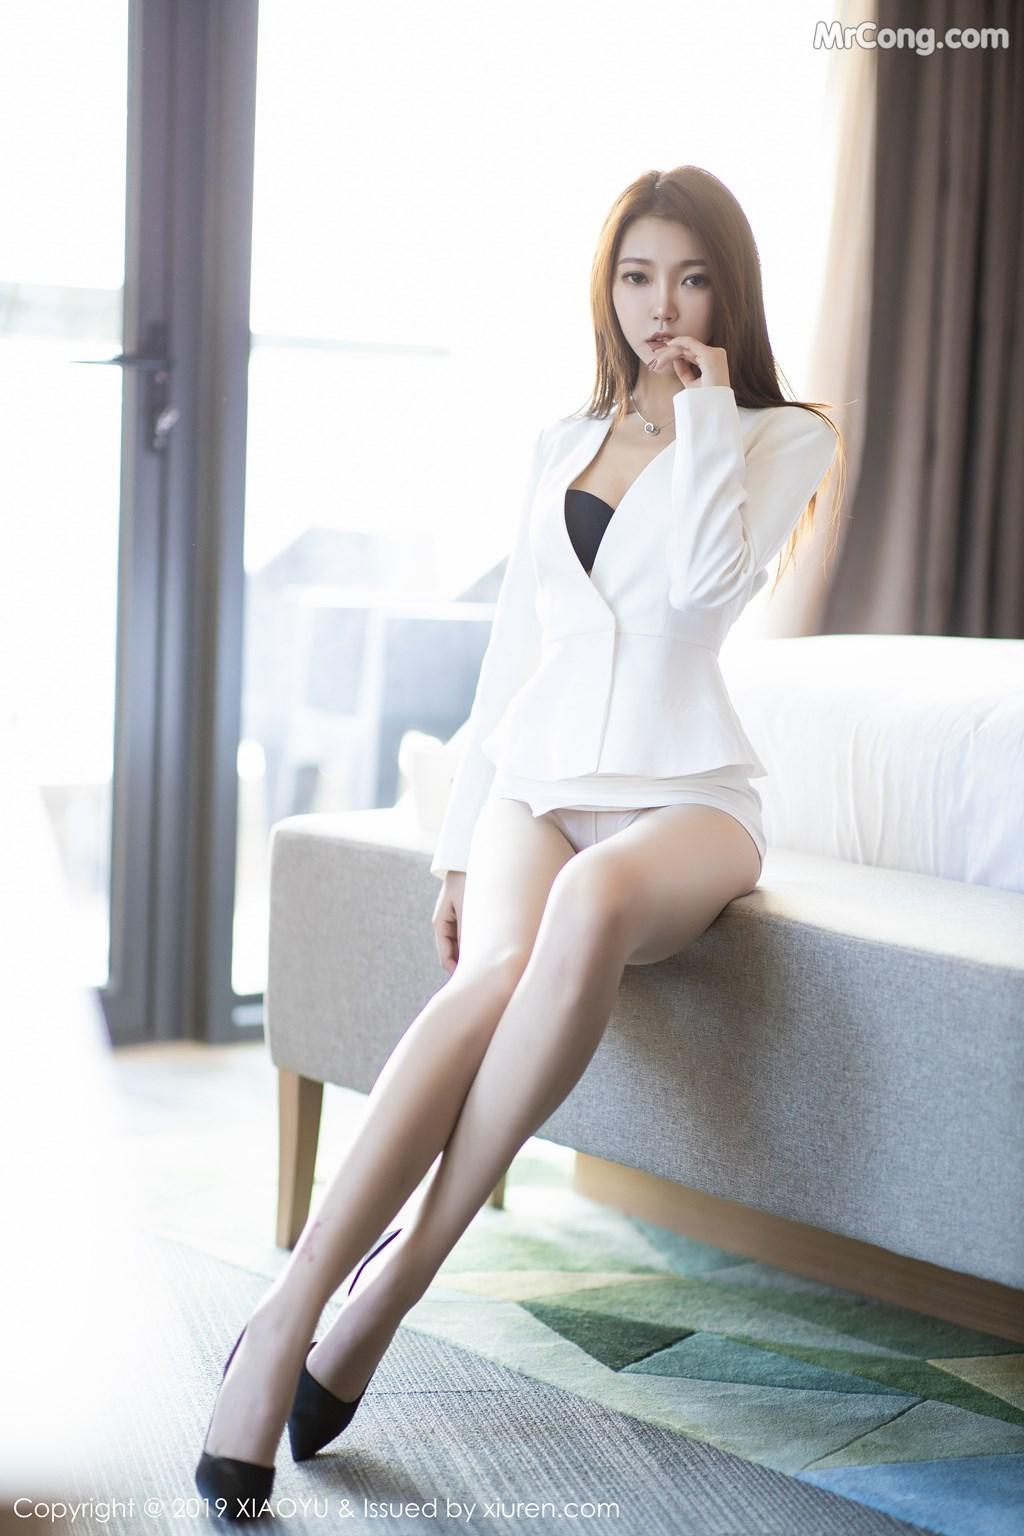 Image XiaoYu-Vol.207-LRIS-Feng-Mu-Mu-MrCong.com-005 in post XiaoYu Vol.207: LRIS (冯木木) (109 ảnh)